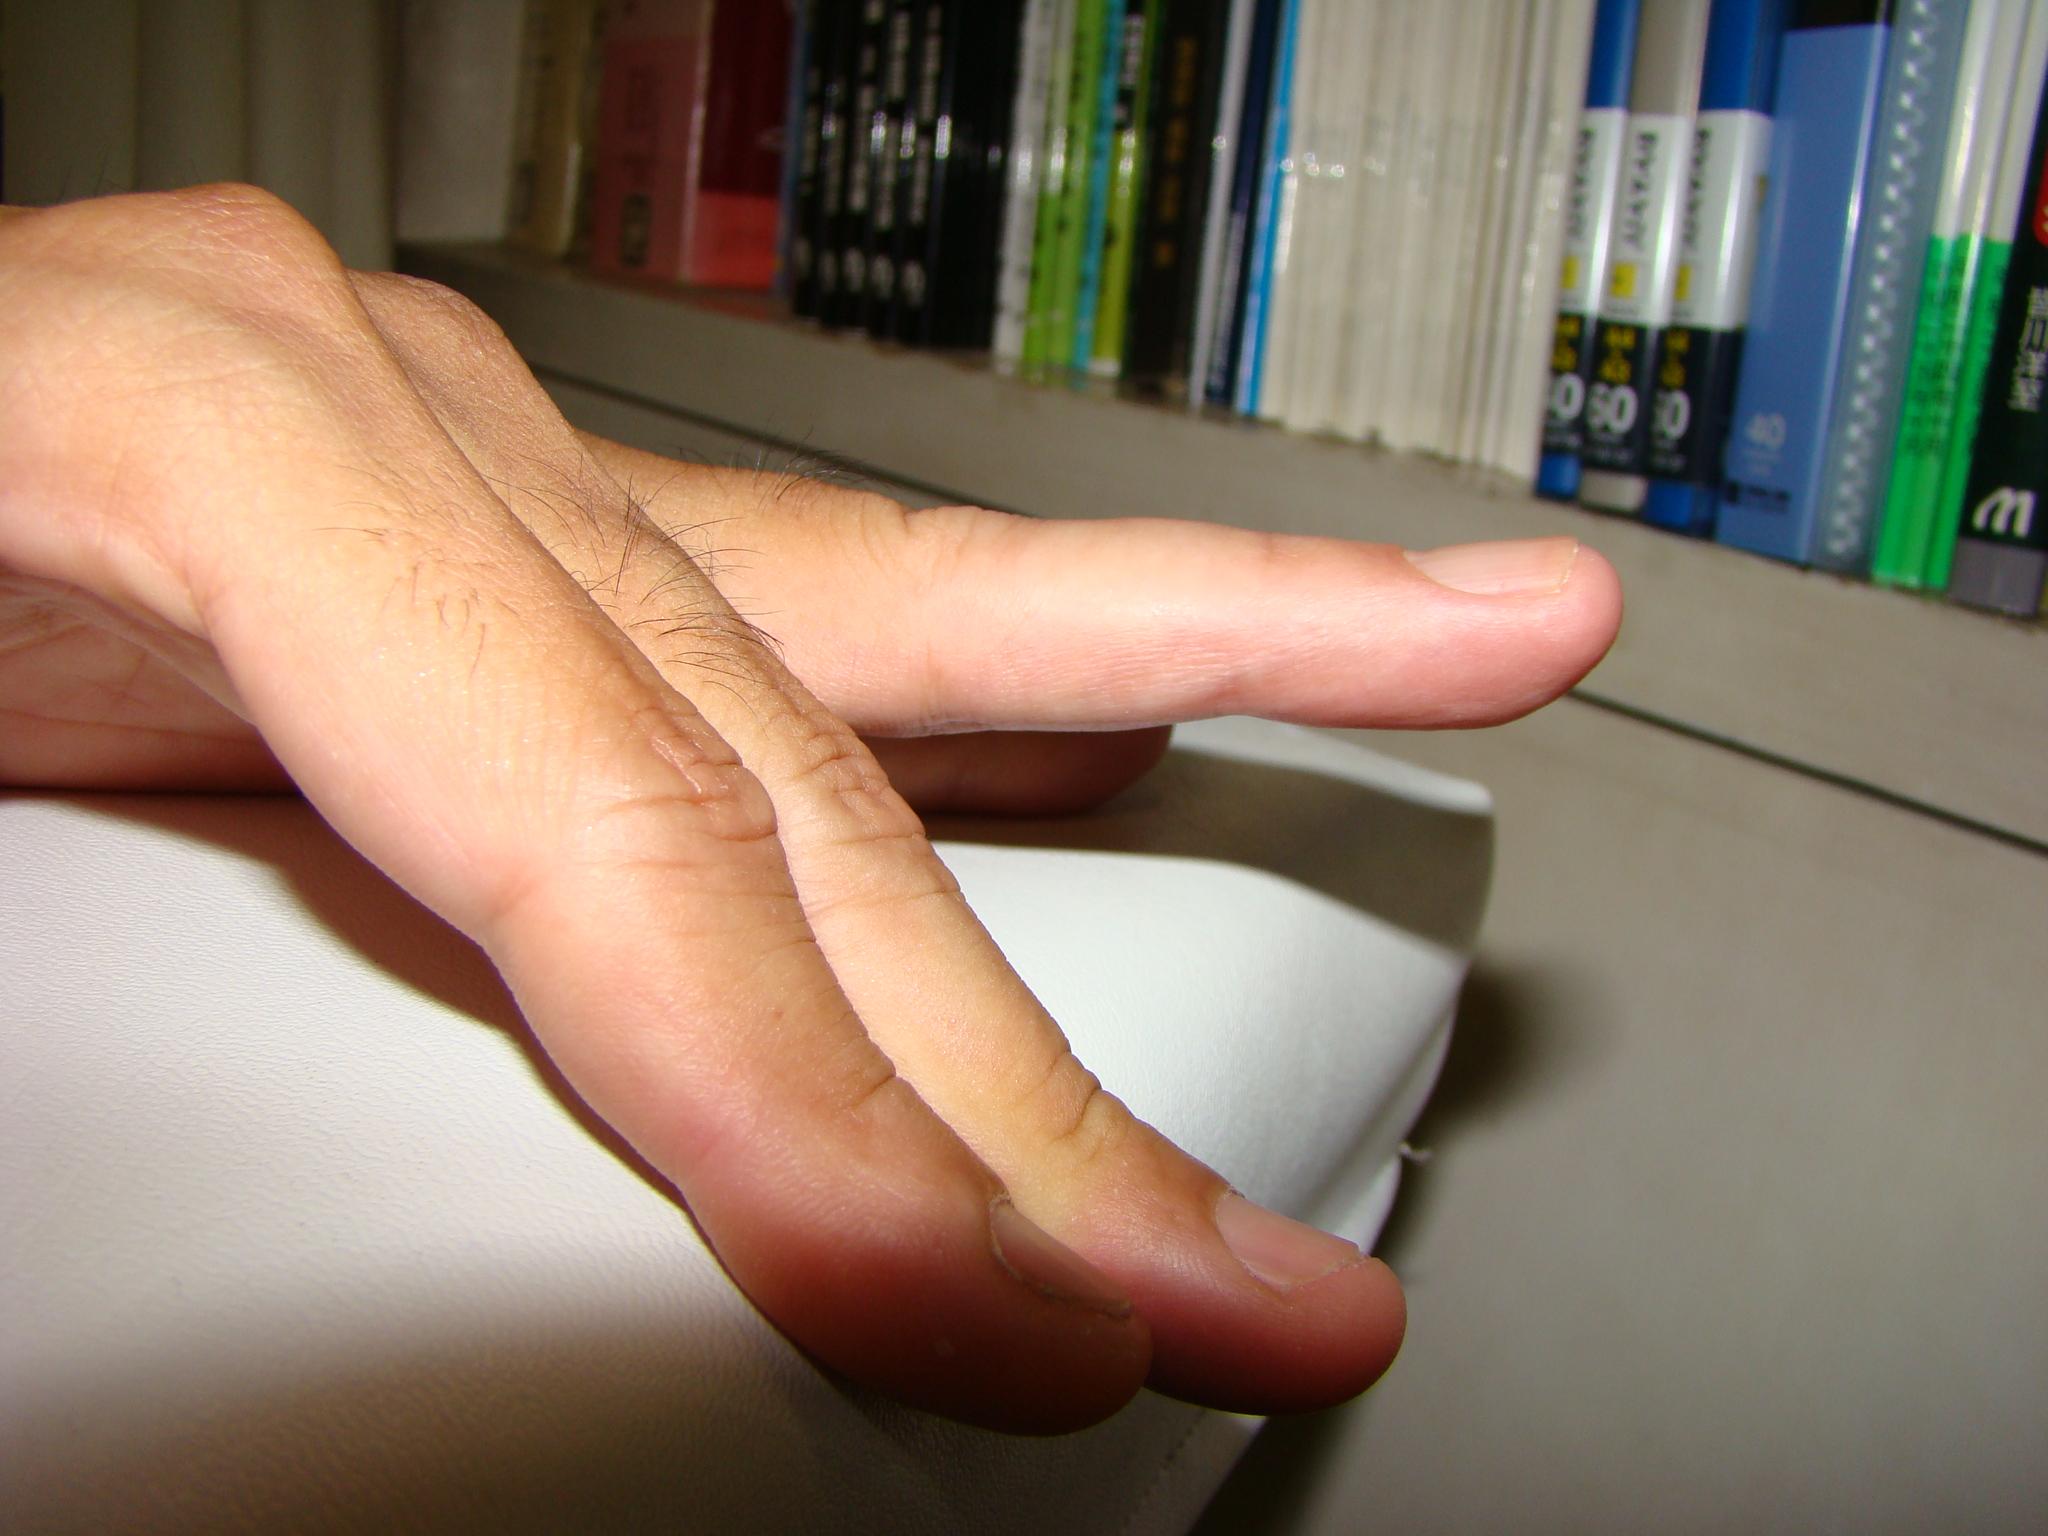 全治 何 ヶ月 骨折 指 の